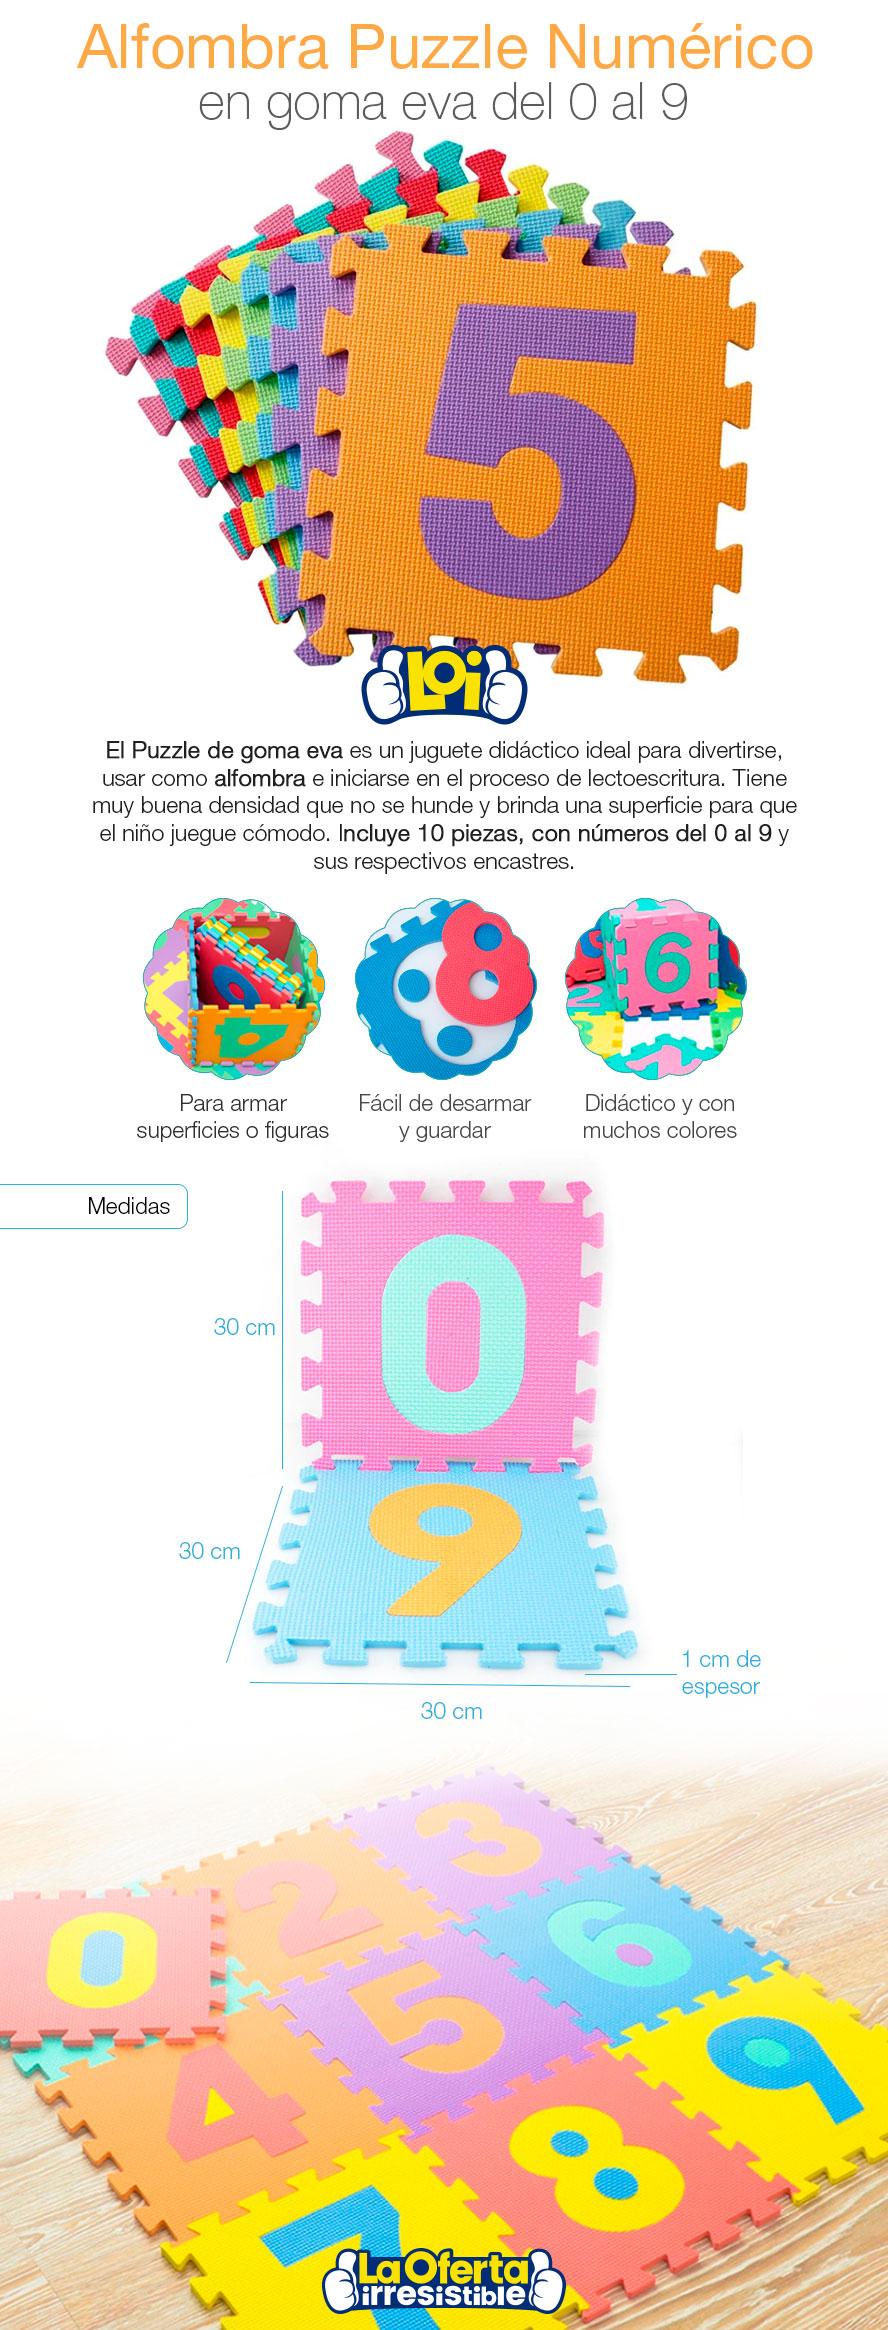 907836259f2 Alfombra Puzzle Numérico 10 Piezas Goma Eva Nueva 30x30cm 1cm De Espesor